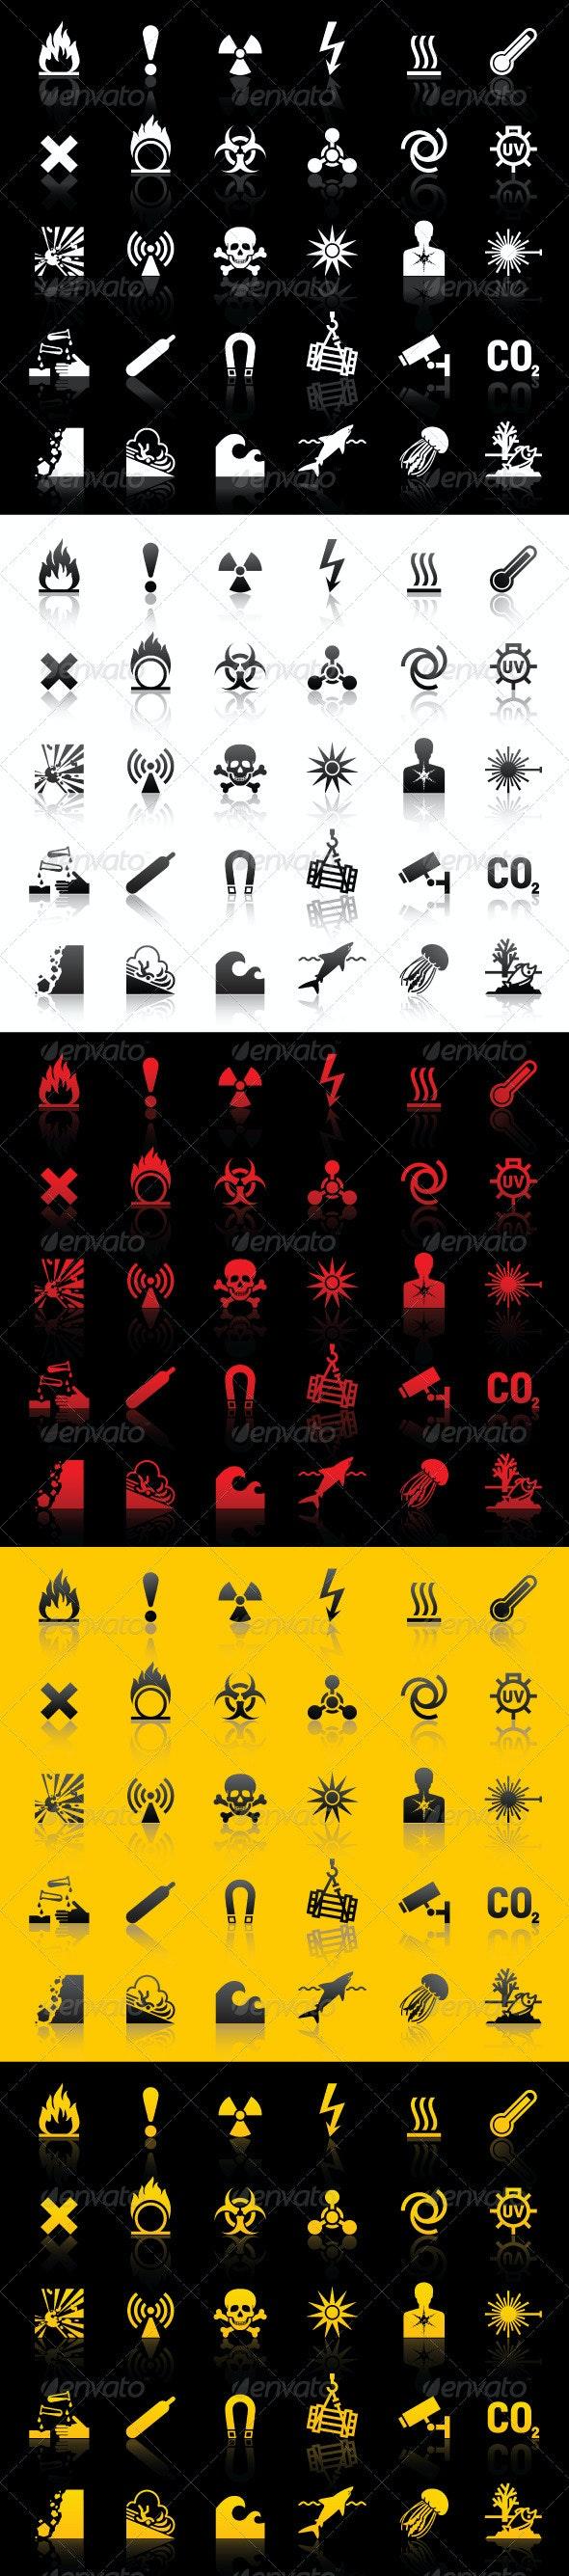 Symbols - Hazard warnings